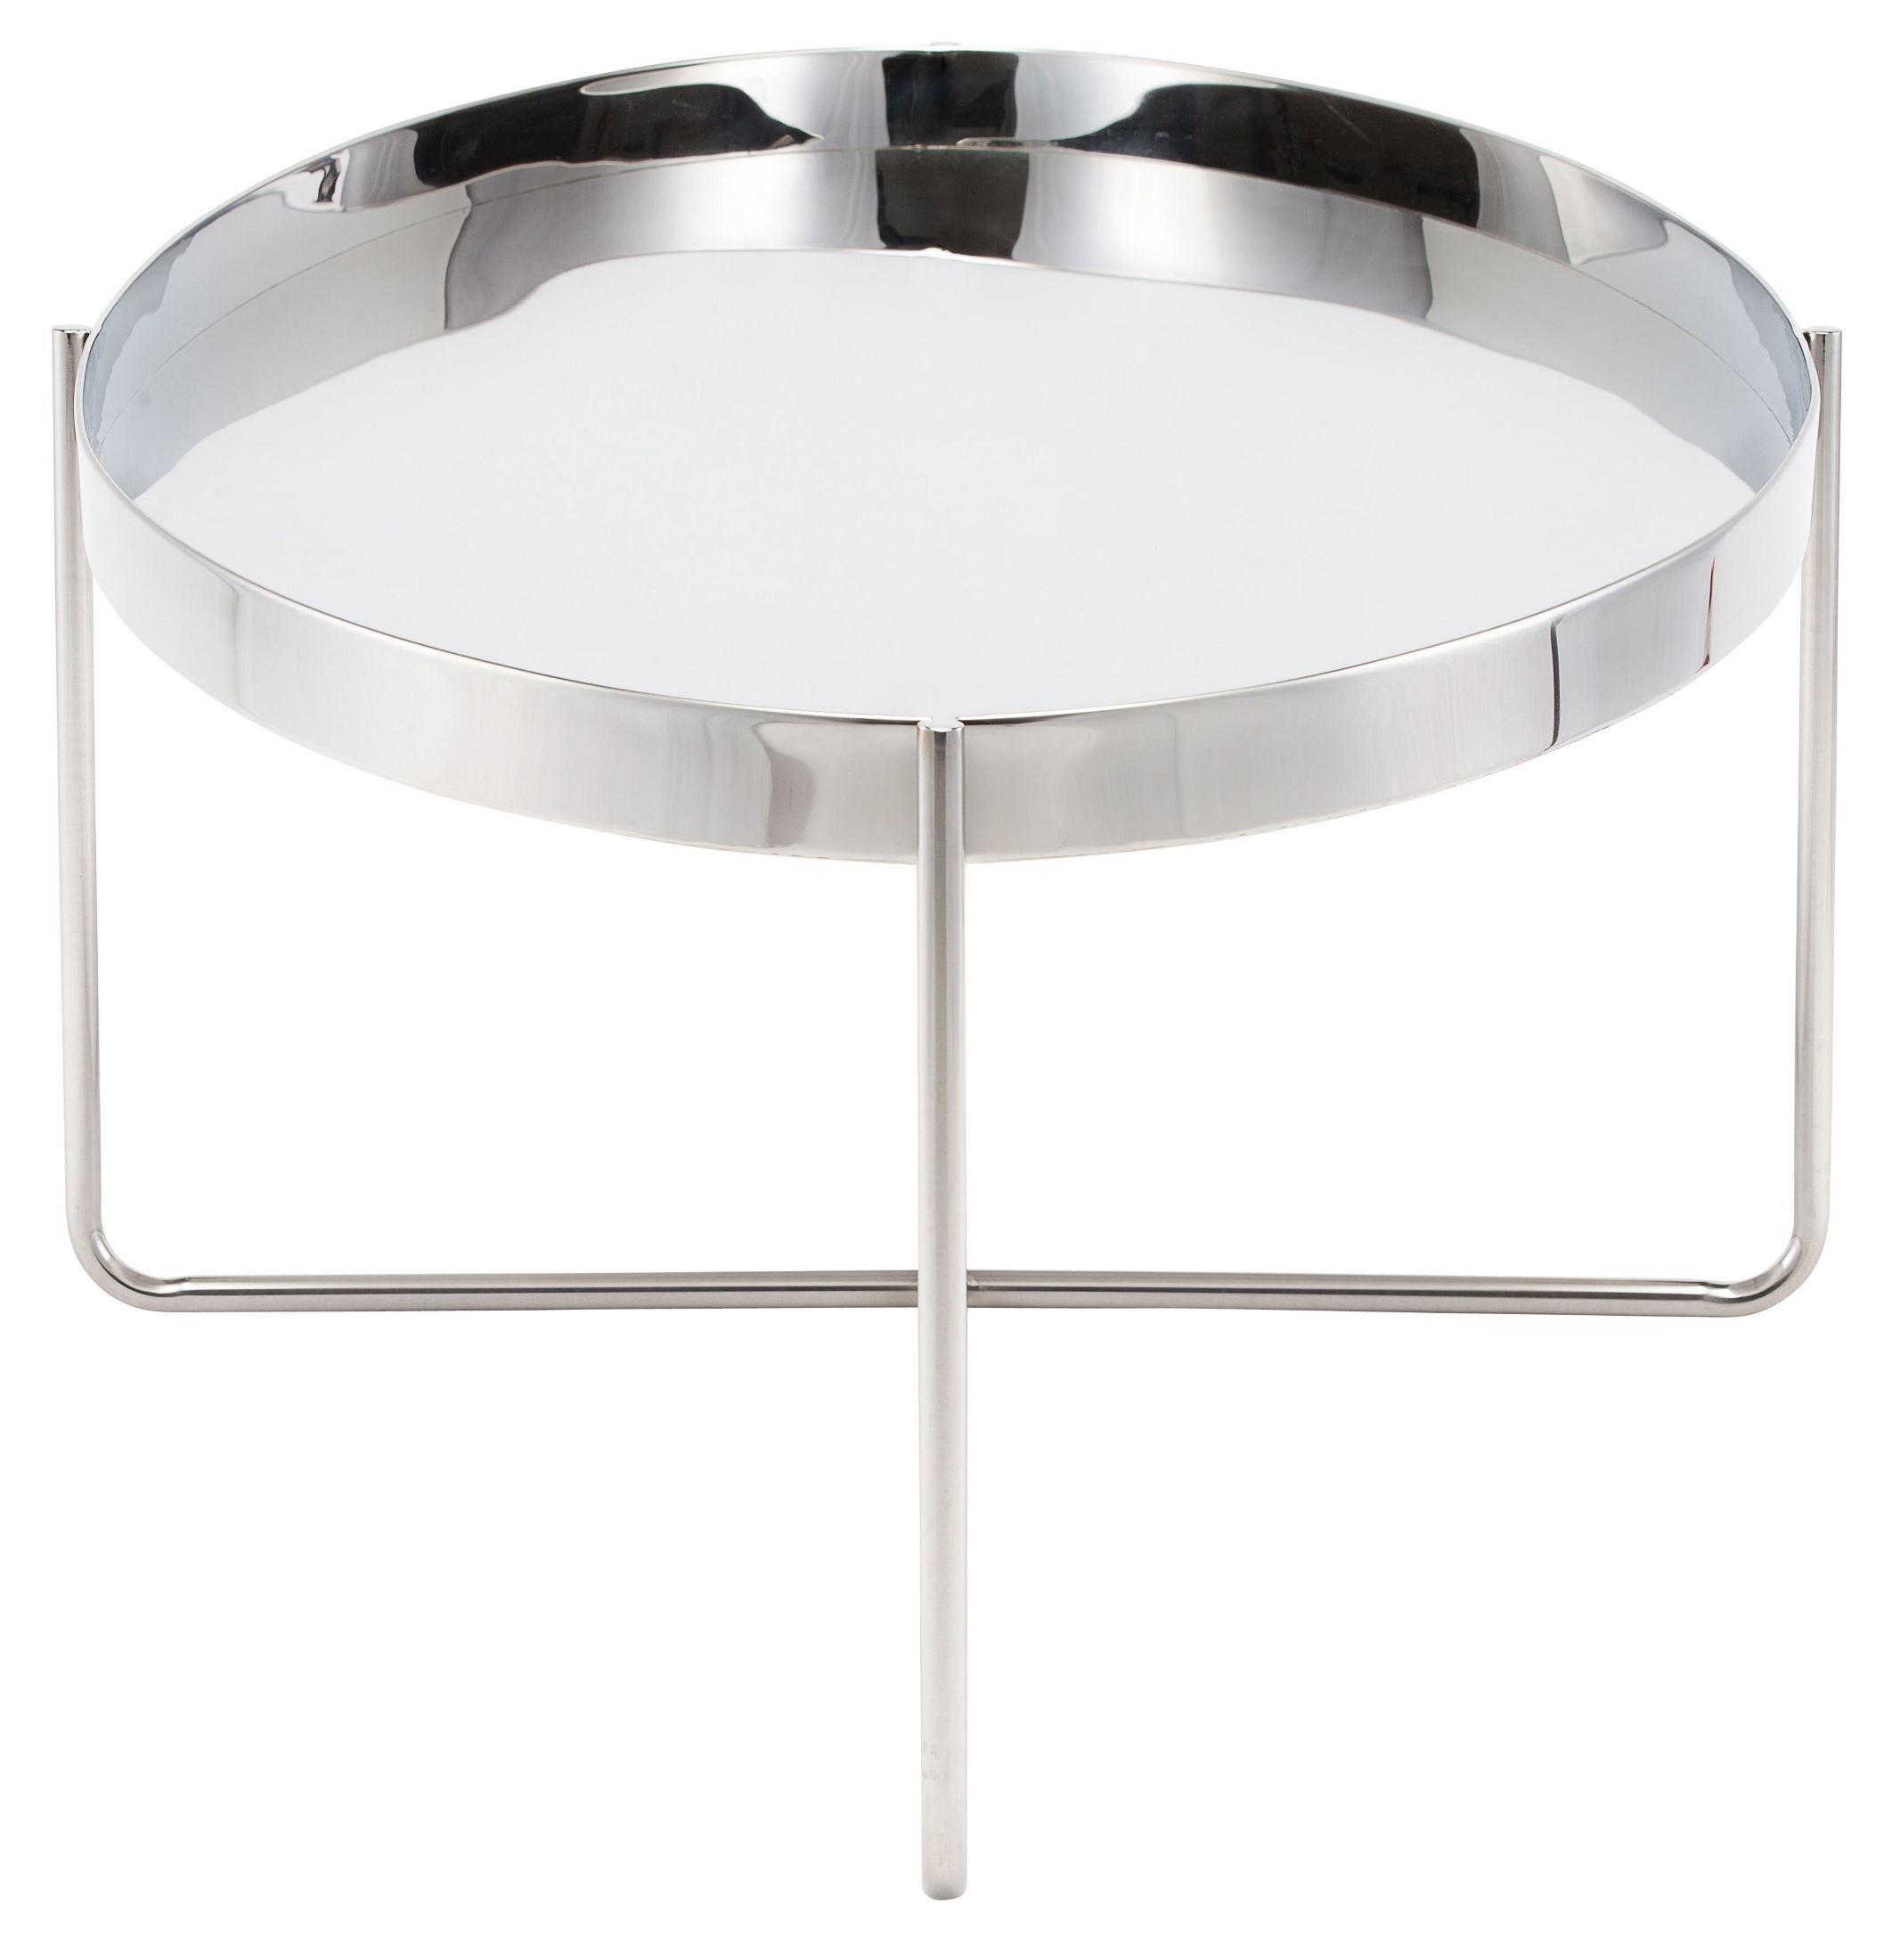 Gaultier Silver Metal Coffee Table, HGDE128, Nuevo